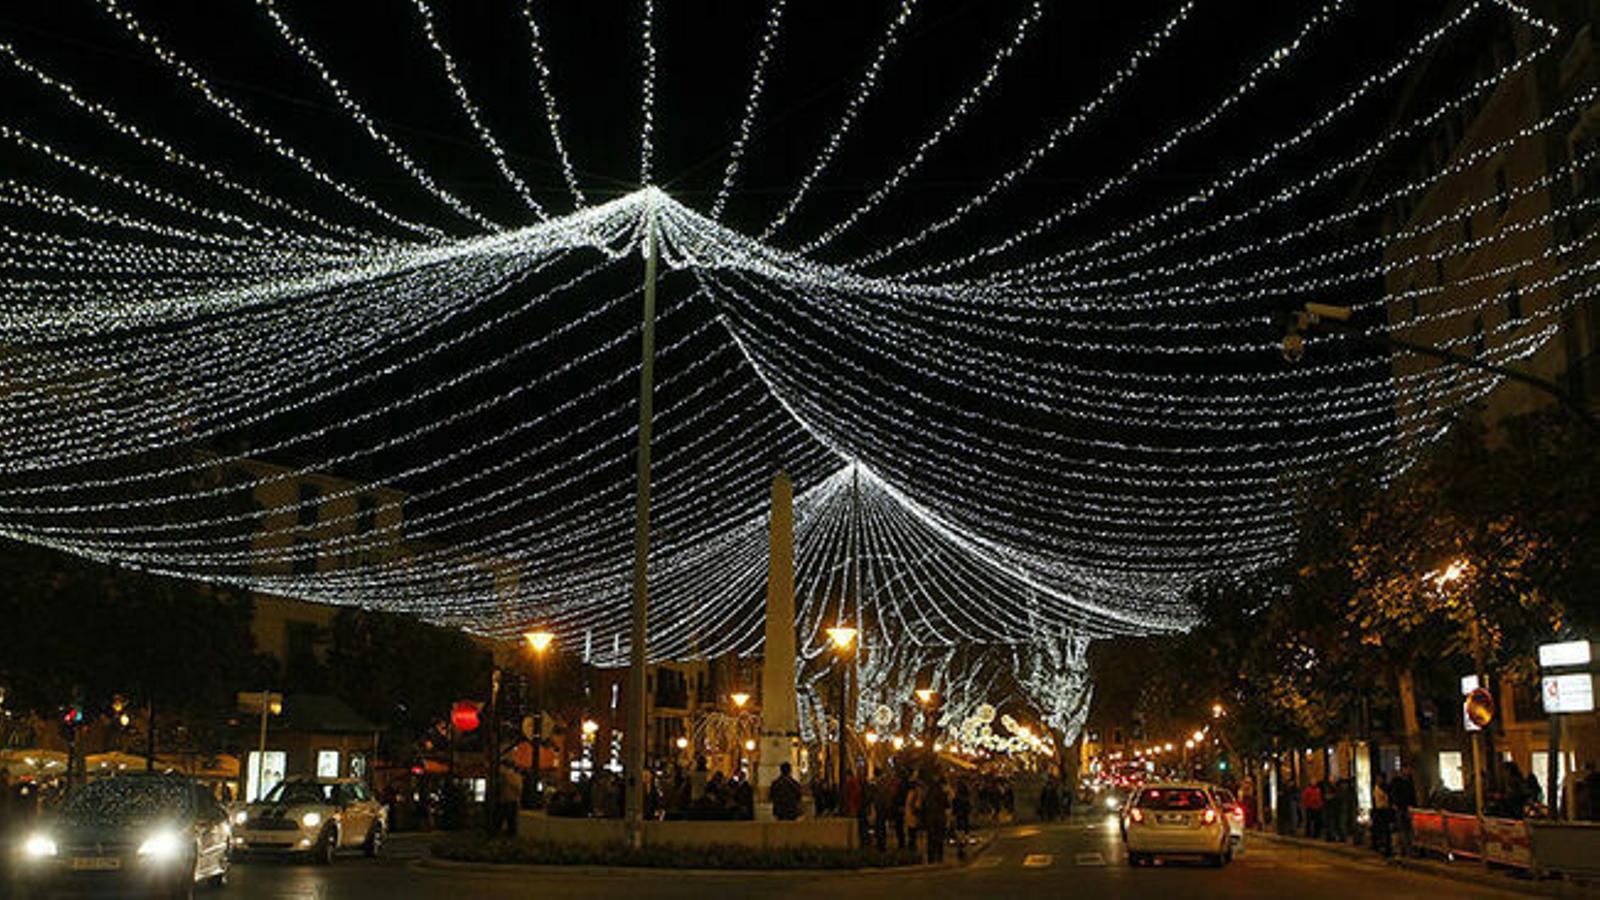 Llums de Nadal a Palma. / ISAAC BUJ